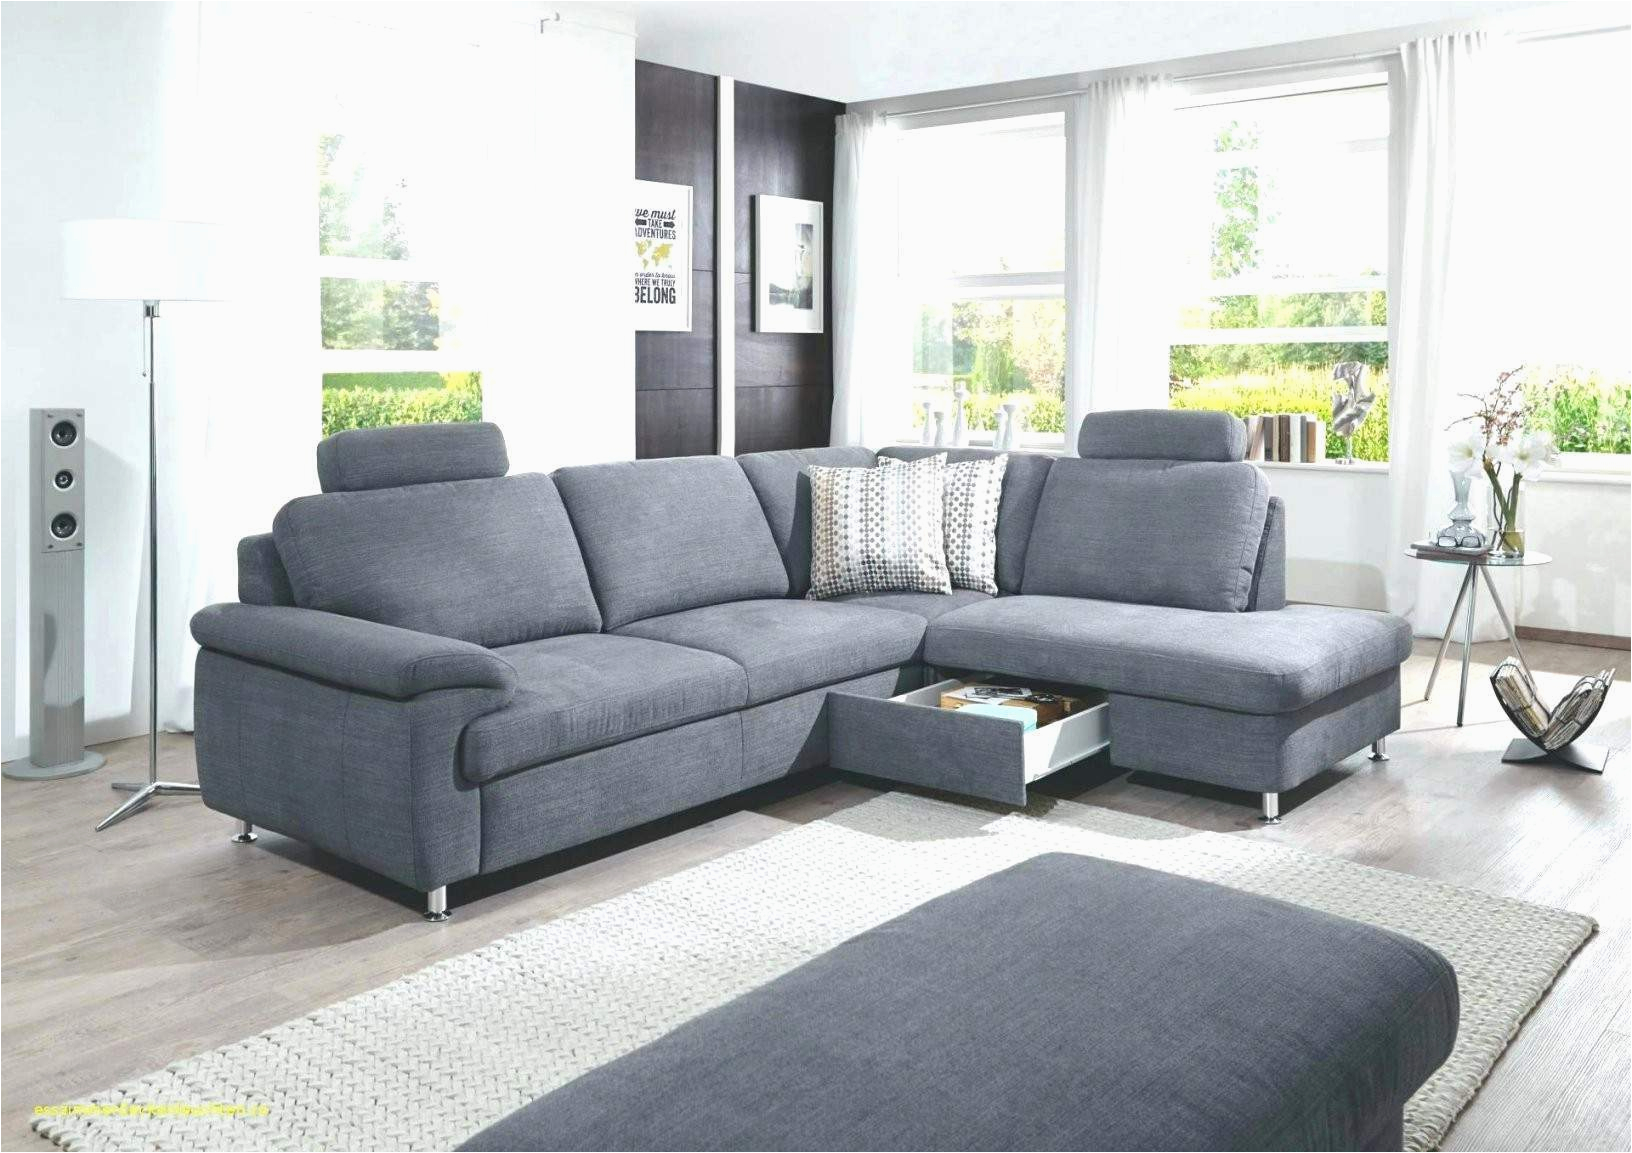 Kleines Wohnzimmer Großes sofa 40 Inspirierend Großes Wohnzimmer Einrichten Genial